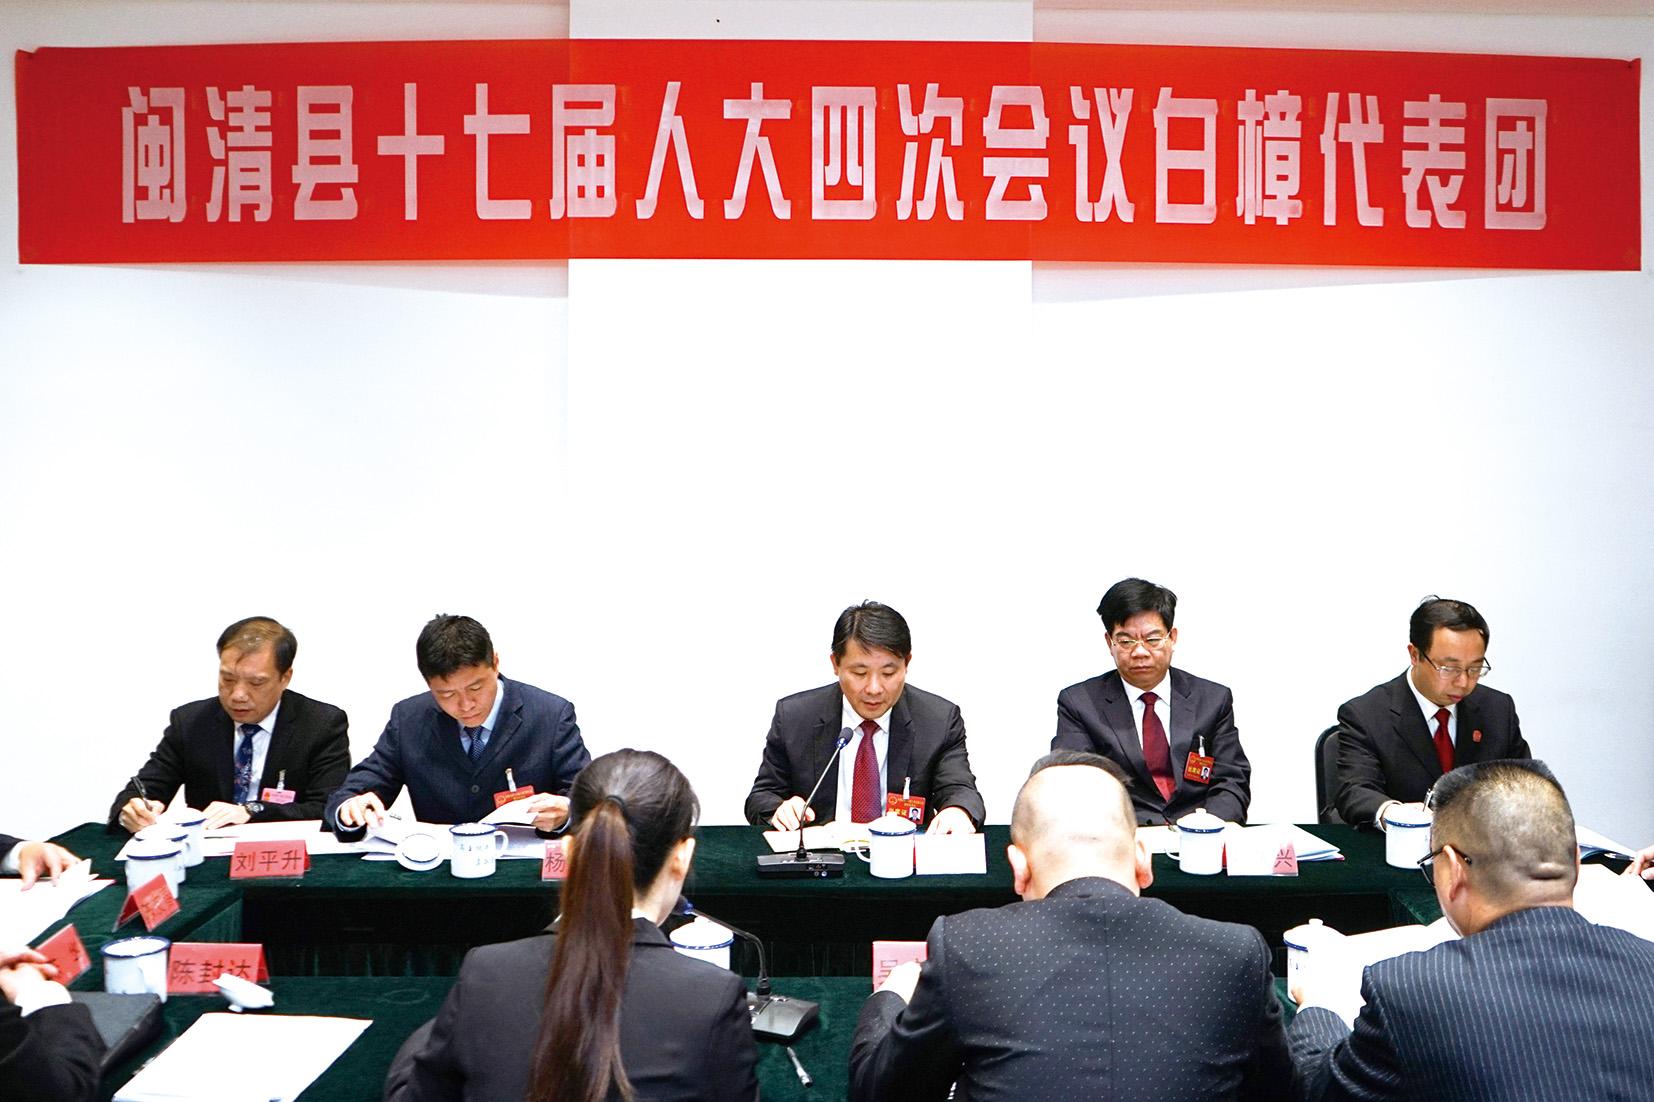 陈忠霖郑子记参加县十七届人大四次会议代表团审议